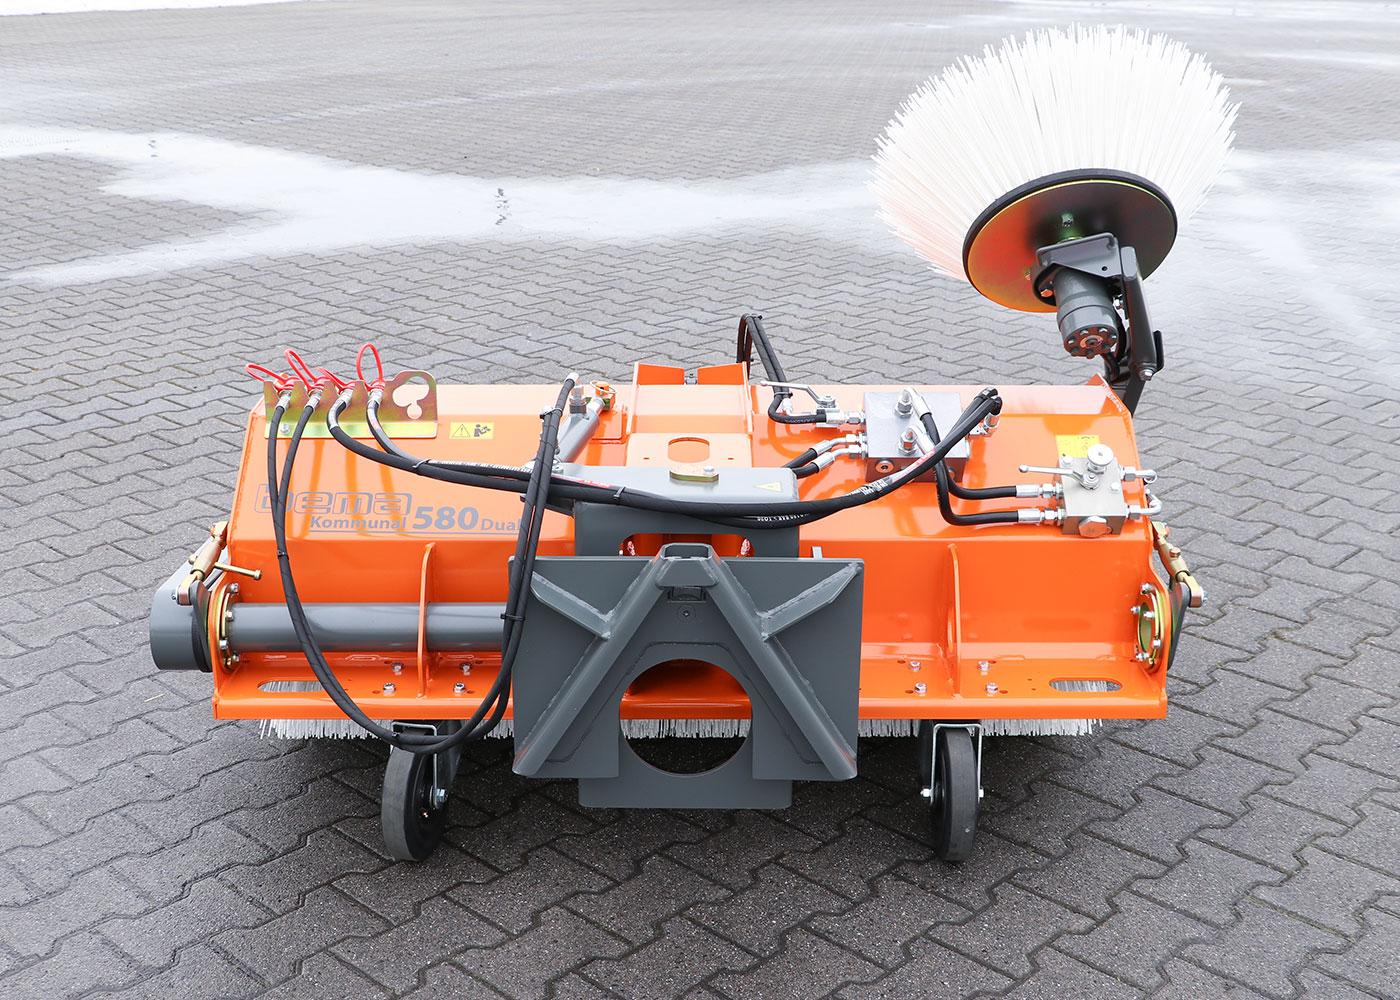 210301_08_bema_Kommunal_580_Dual_mechanischer_Antrieb+Schwenkeinrichtung.JPG